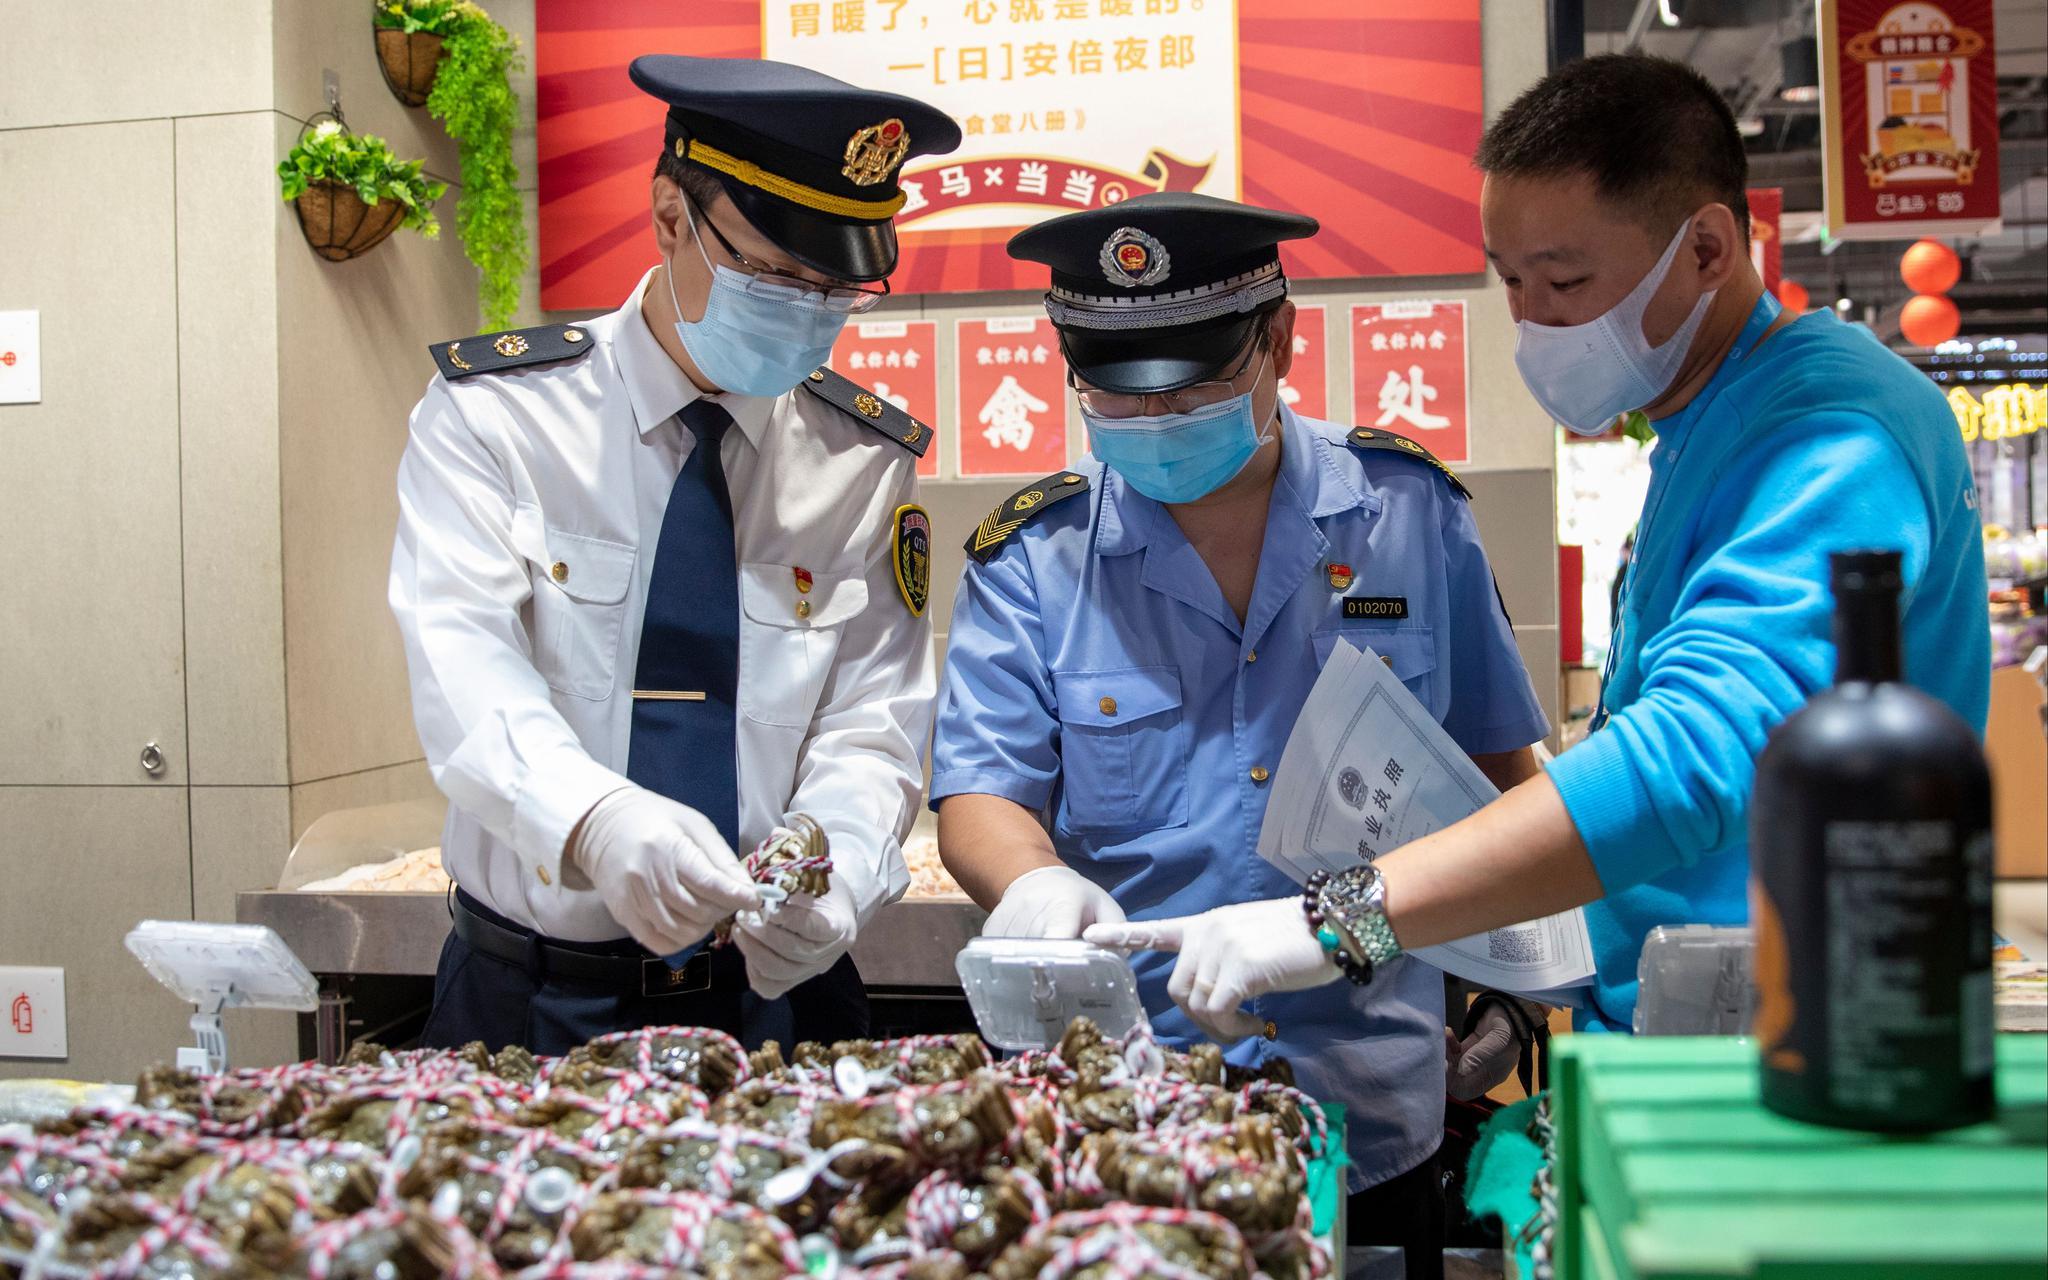 北京中秋节前抽检月饼236批次,其中2批次不合格图片